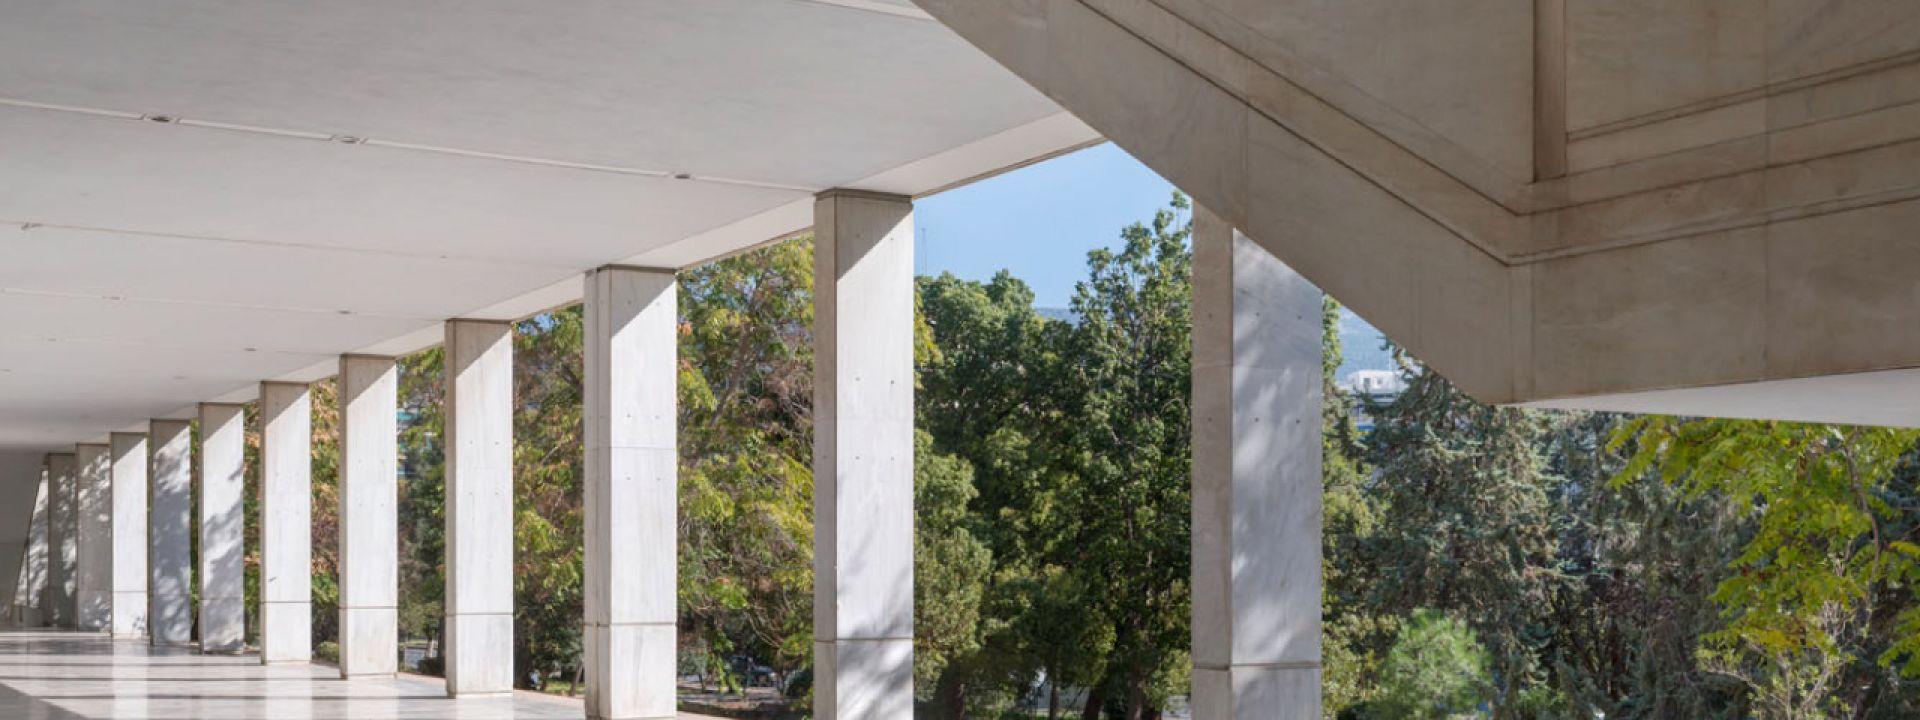 Φωτογραφία που απεικονίζει bauhaus αρχιτεκτονική